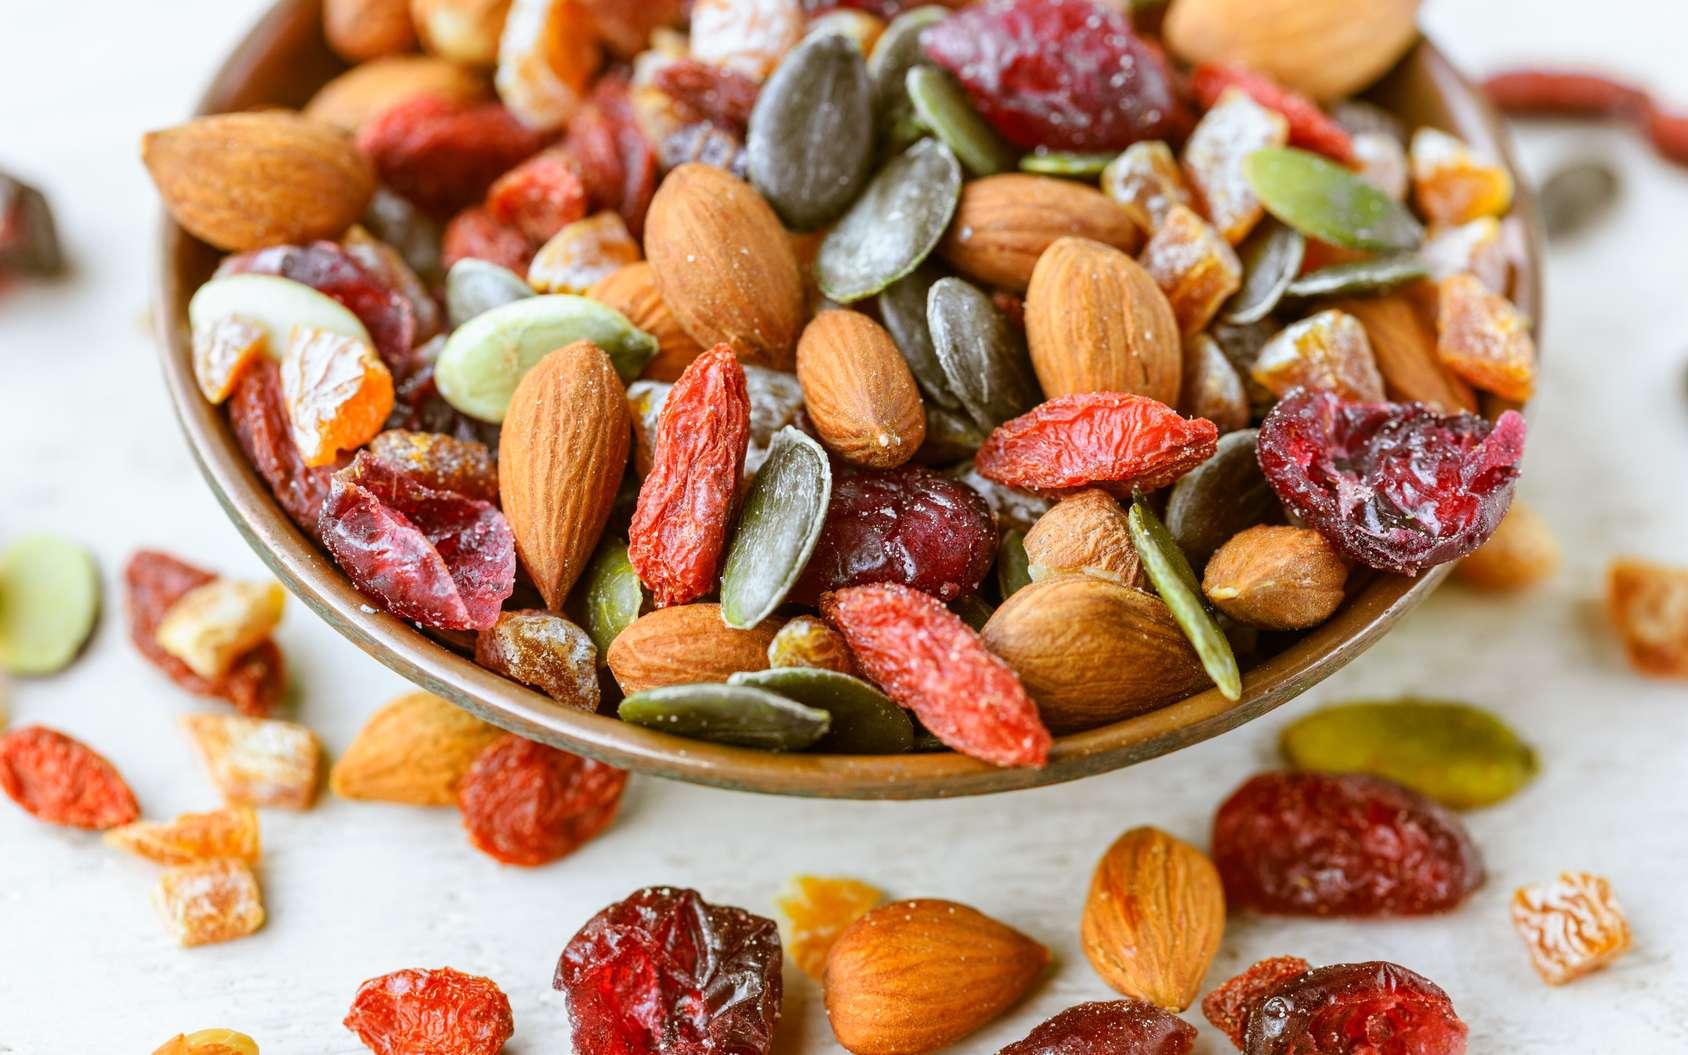 Les fruits secs sont excellents pour la santé ! Découvrez leurs bienfaits. © Quanthem, Fotolia